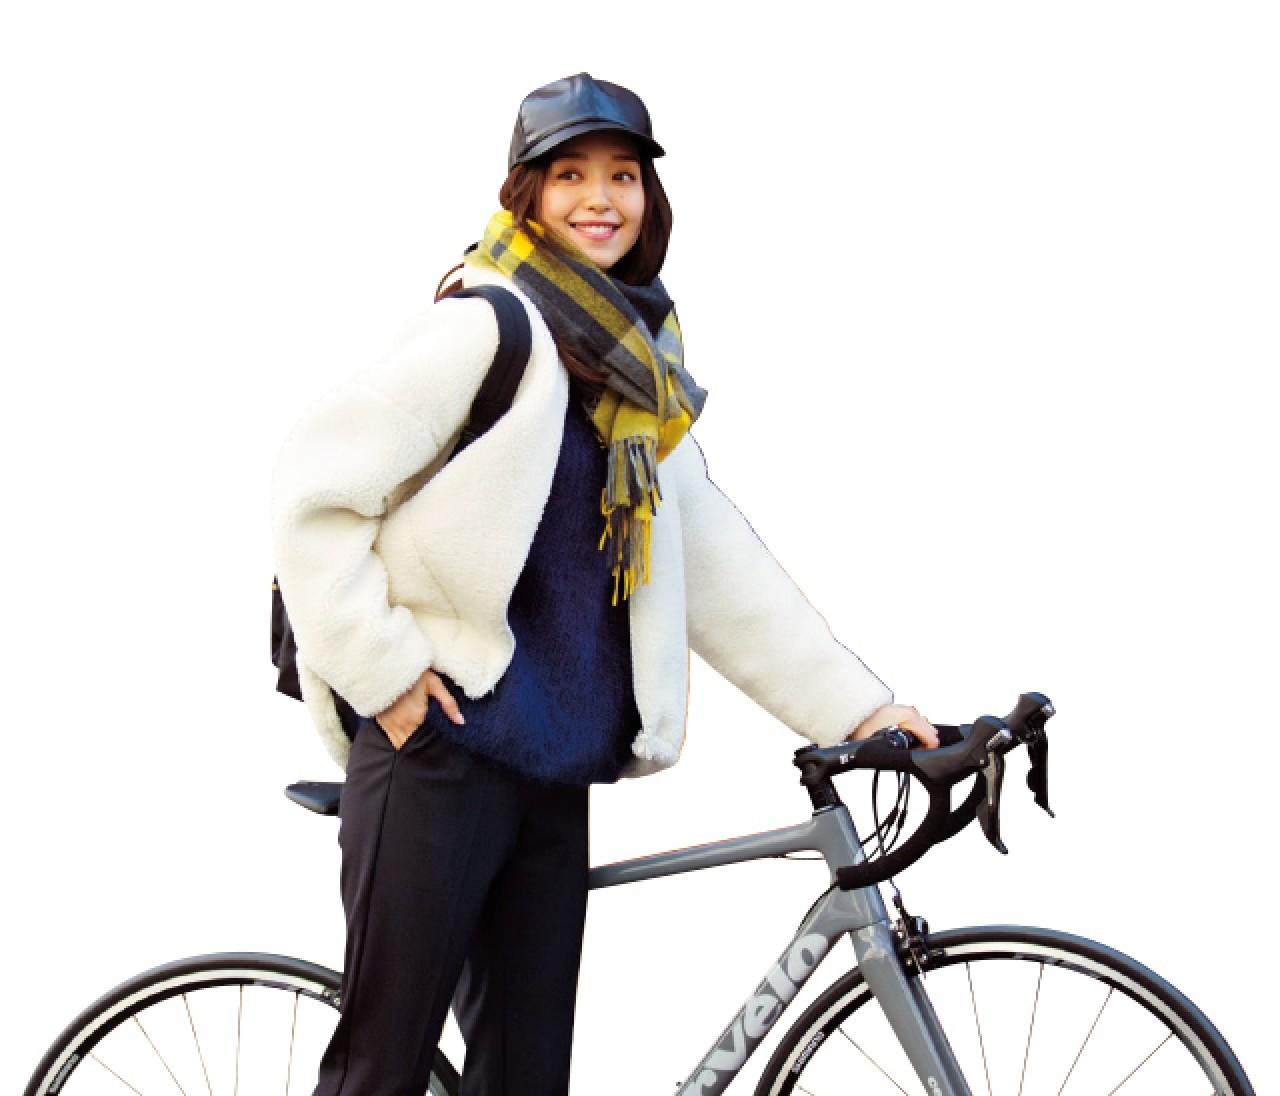 サイクリングの日は、暖かくも今っぽいボアアウターコーデ【2019/1/27のコーデ】